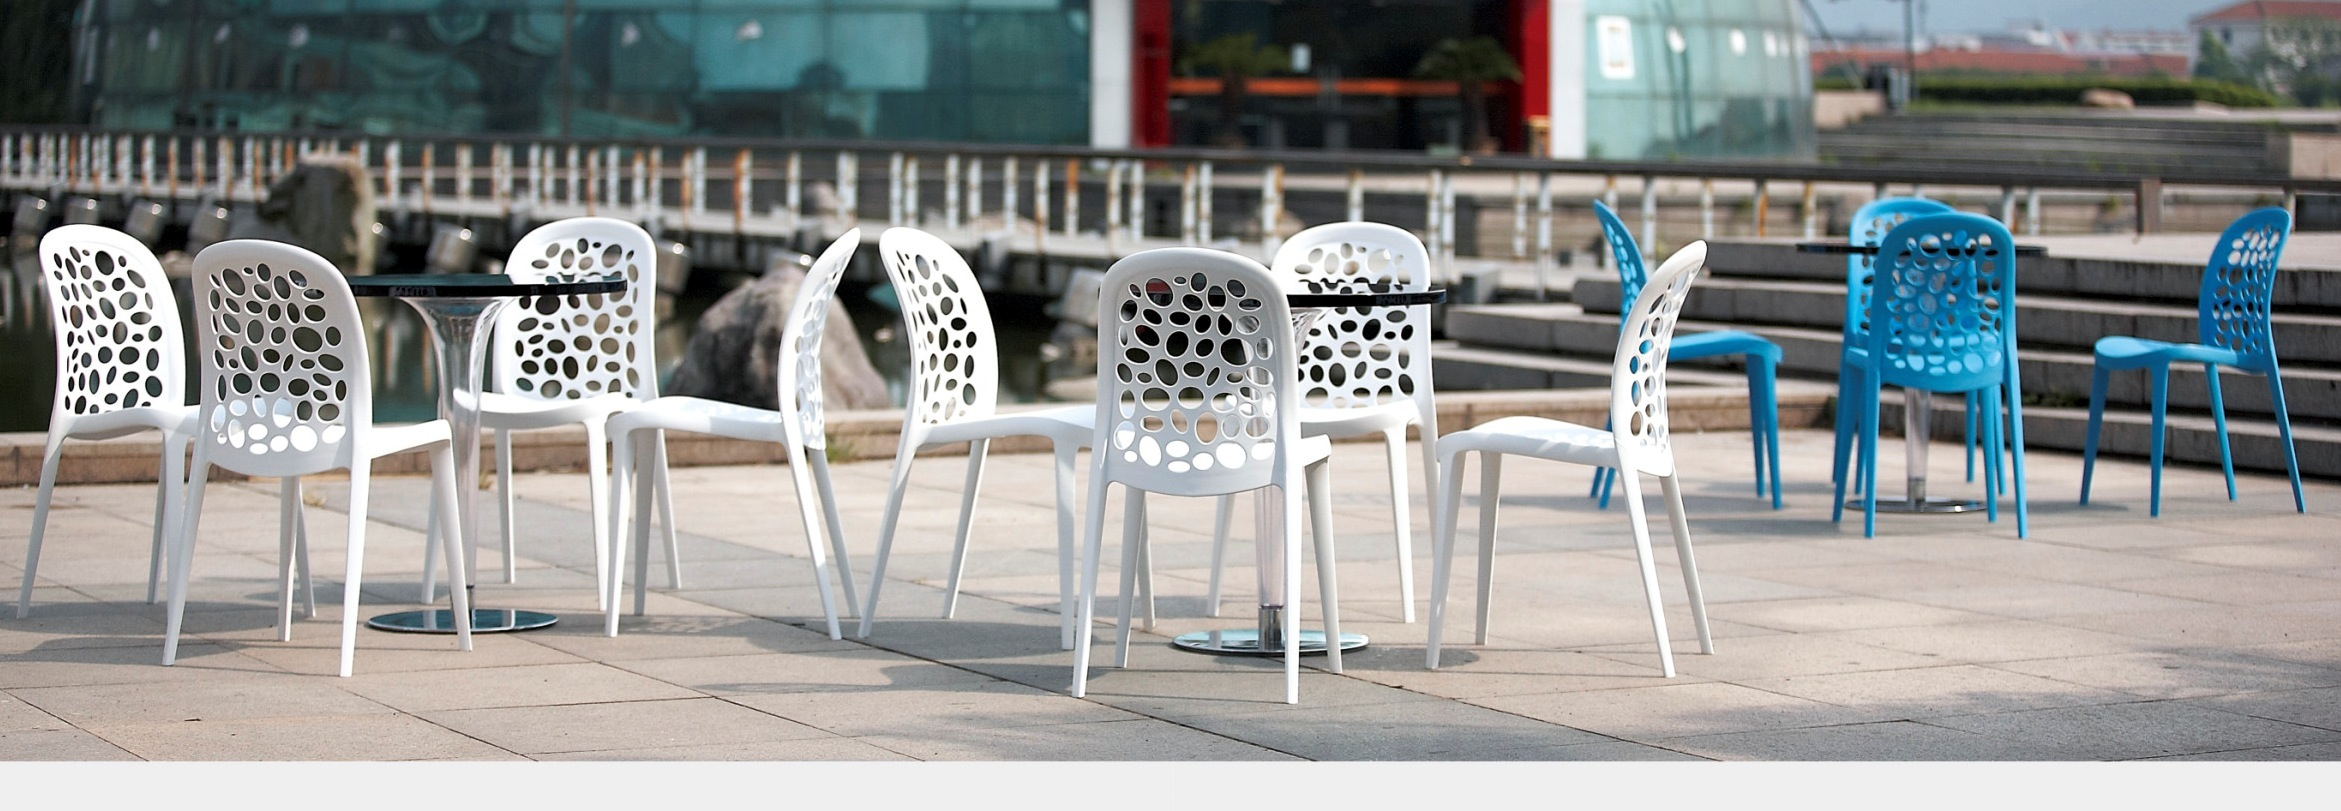 air-chair-outdoor.jpg